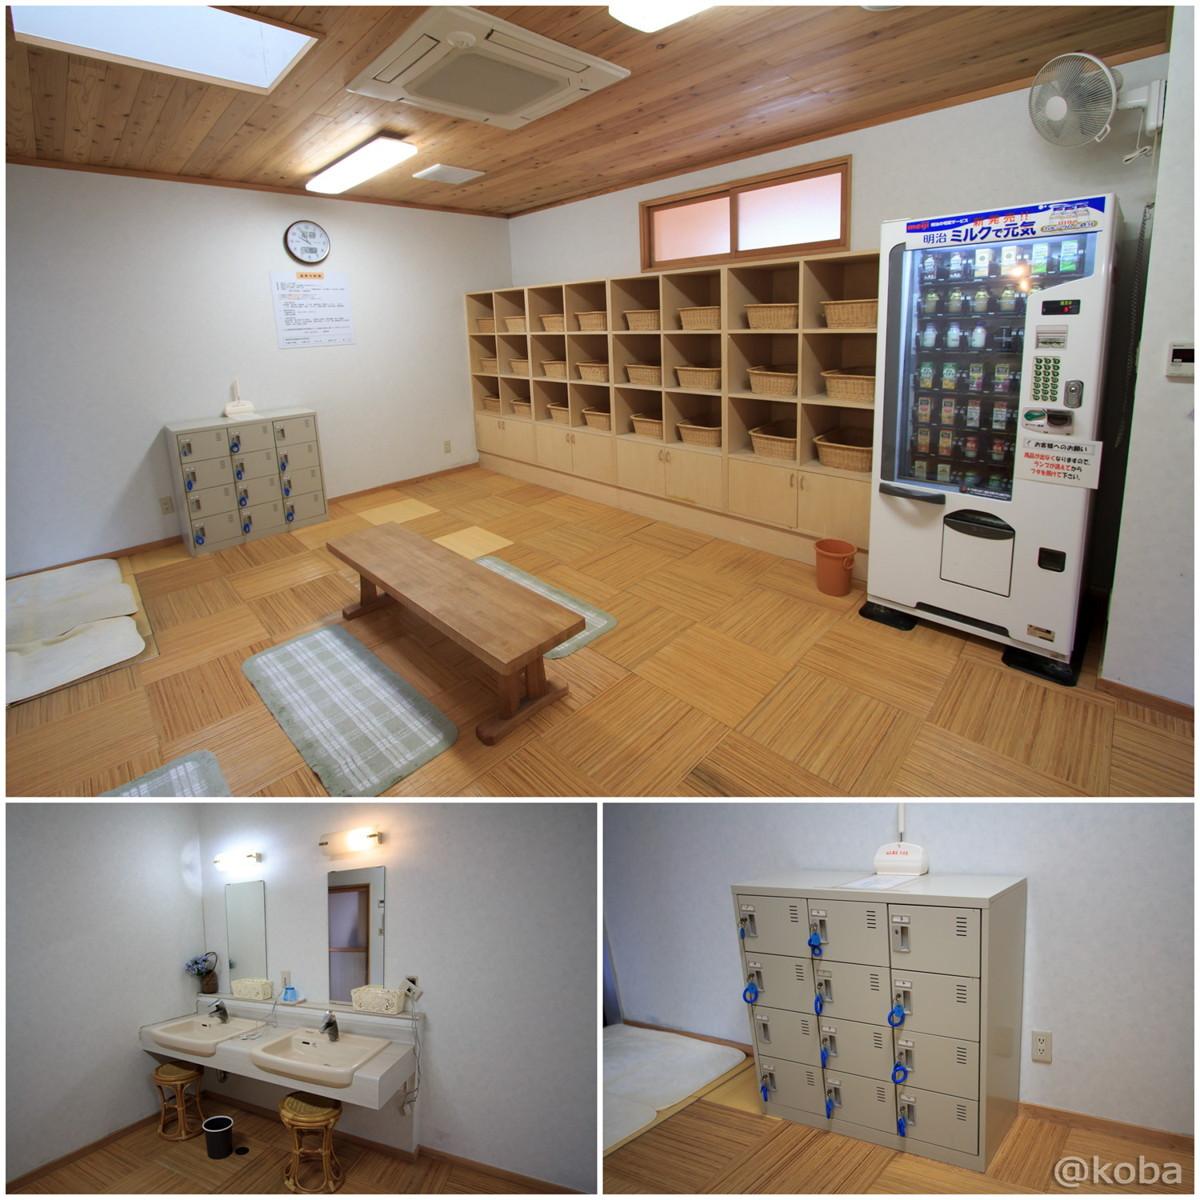 脱衣場 洗面 ドライヤー 飲み物自販機 無料ロッカー 休石温泉 太田屋旅館 (やすみいしおんせん)